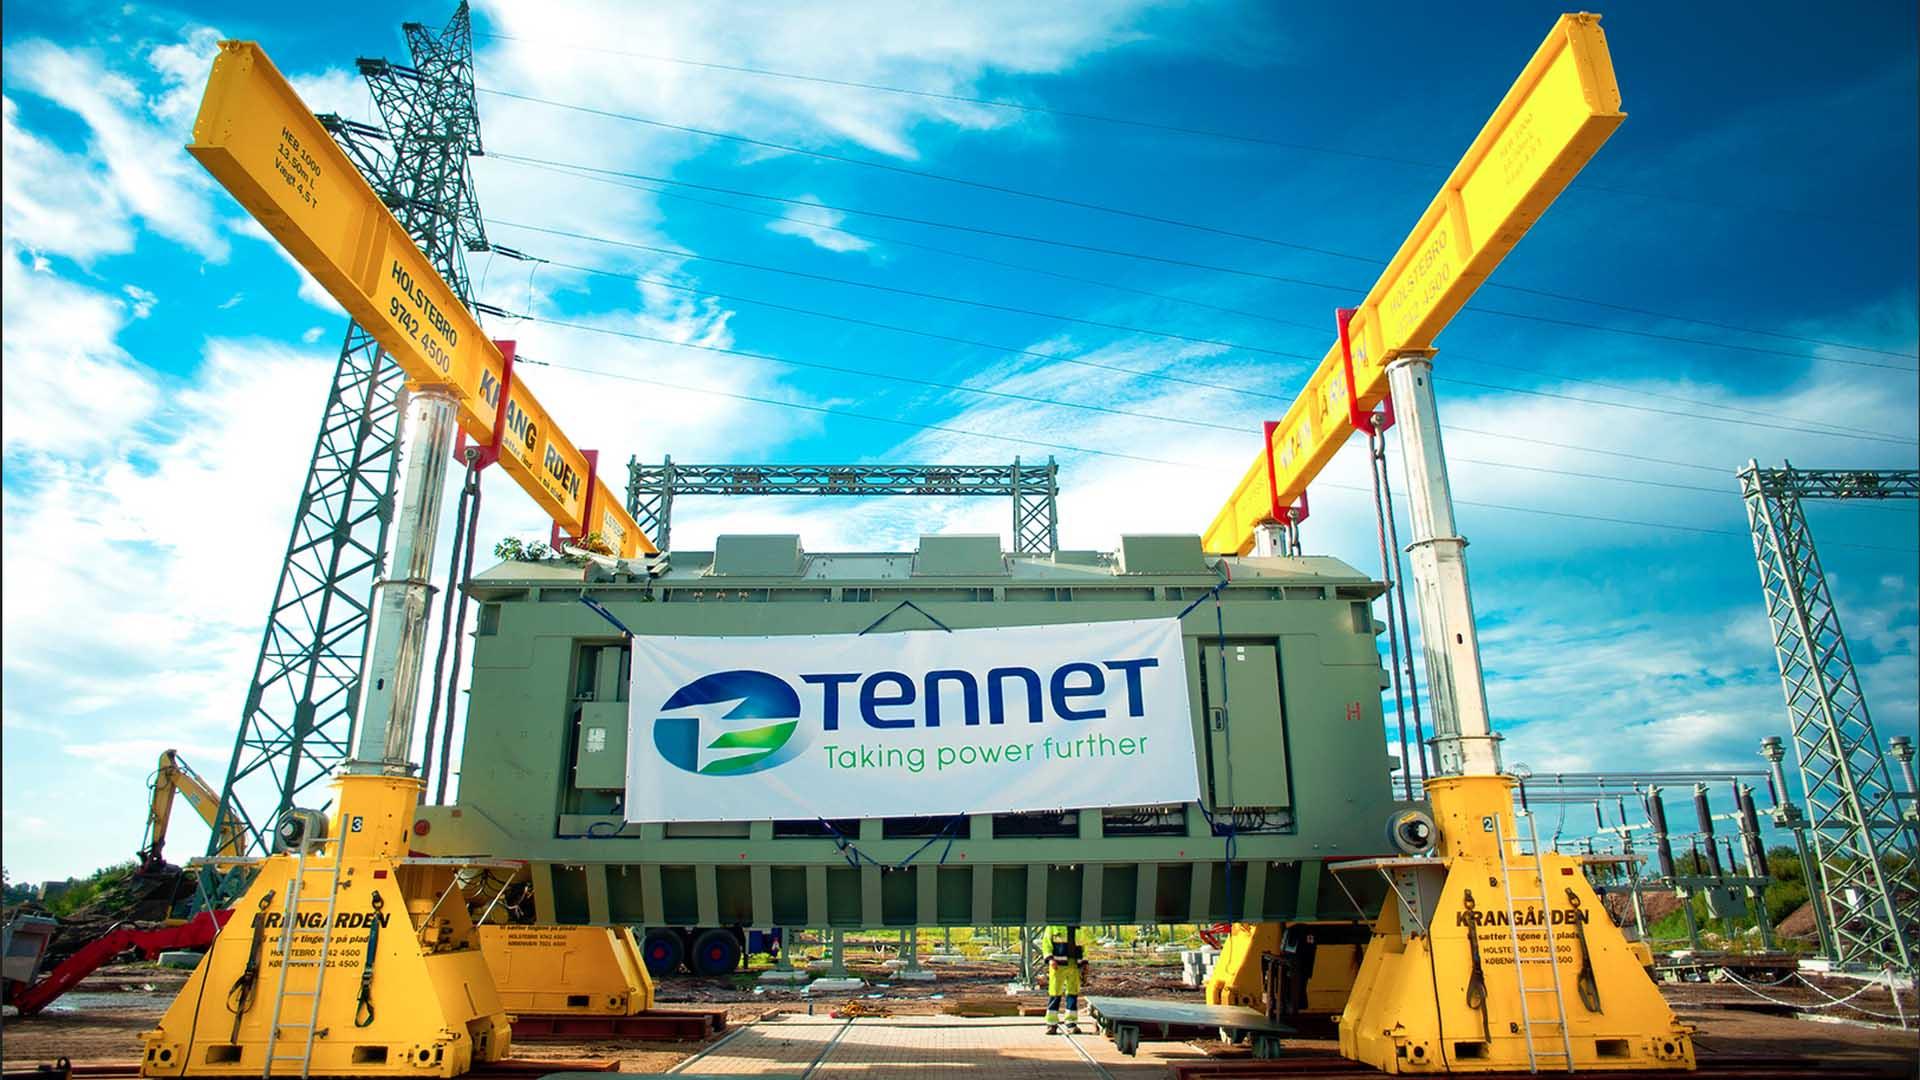 TenneT transformer